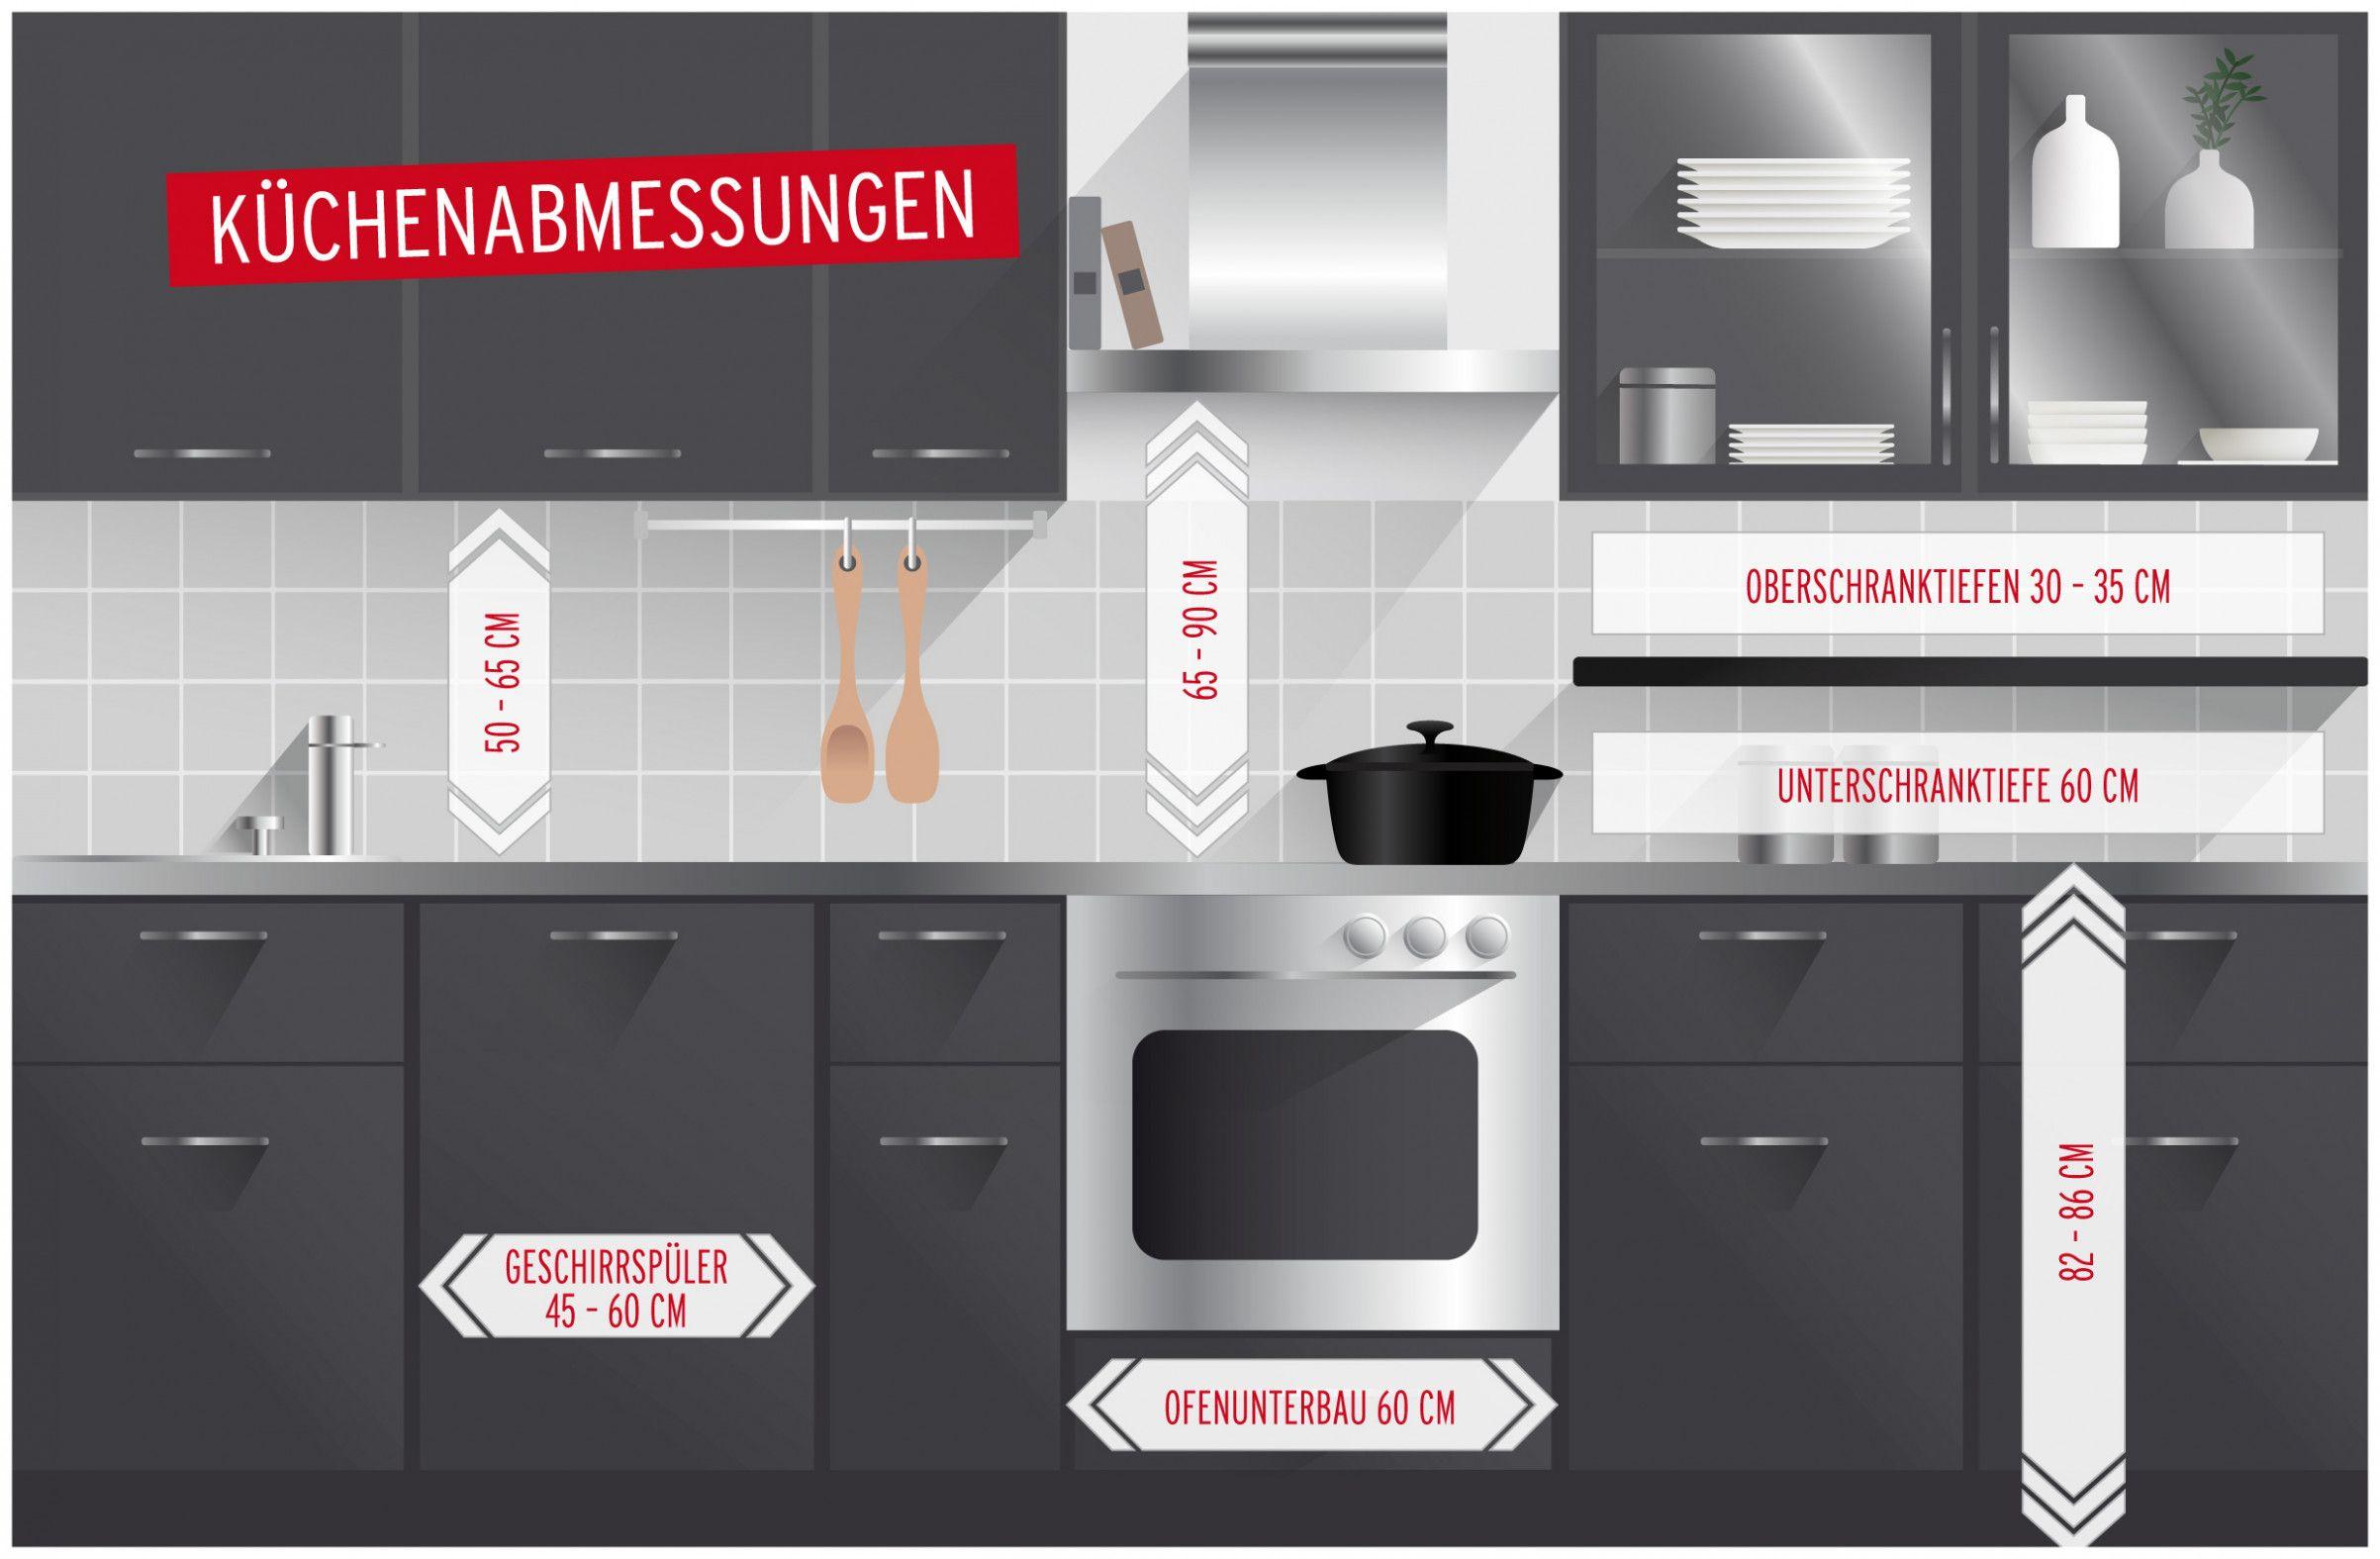 12 Kuche Waschbecken Dimensionen In 2020 Kuchenmasse Kuchen Planung Kuchenplanung